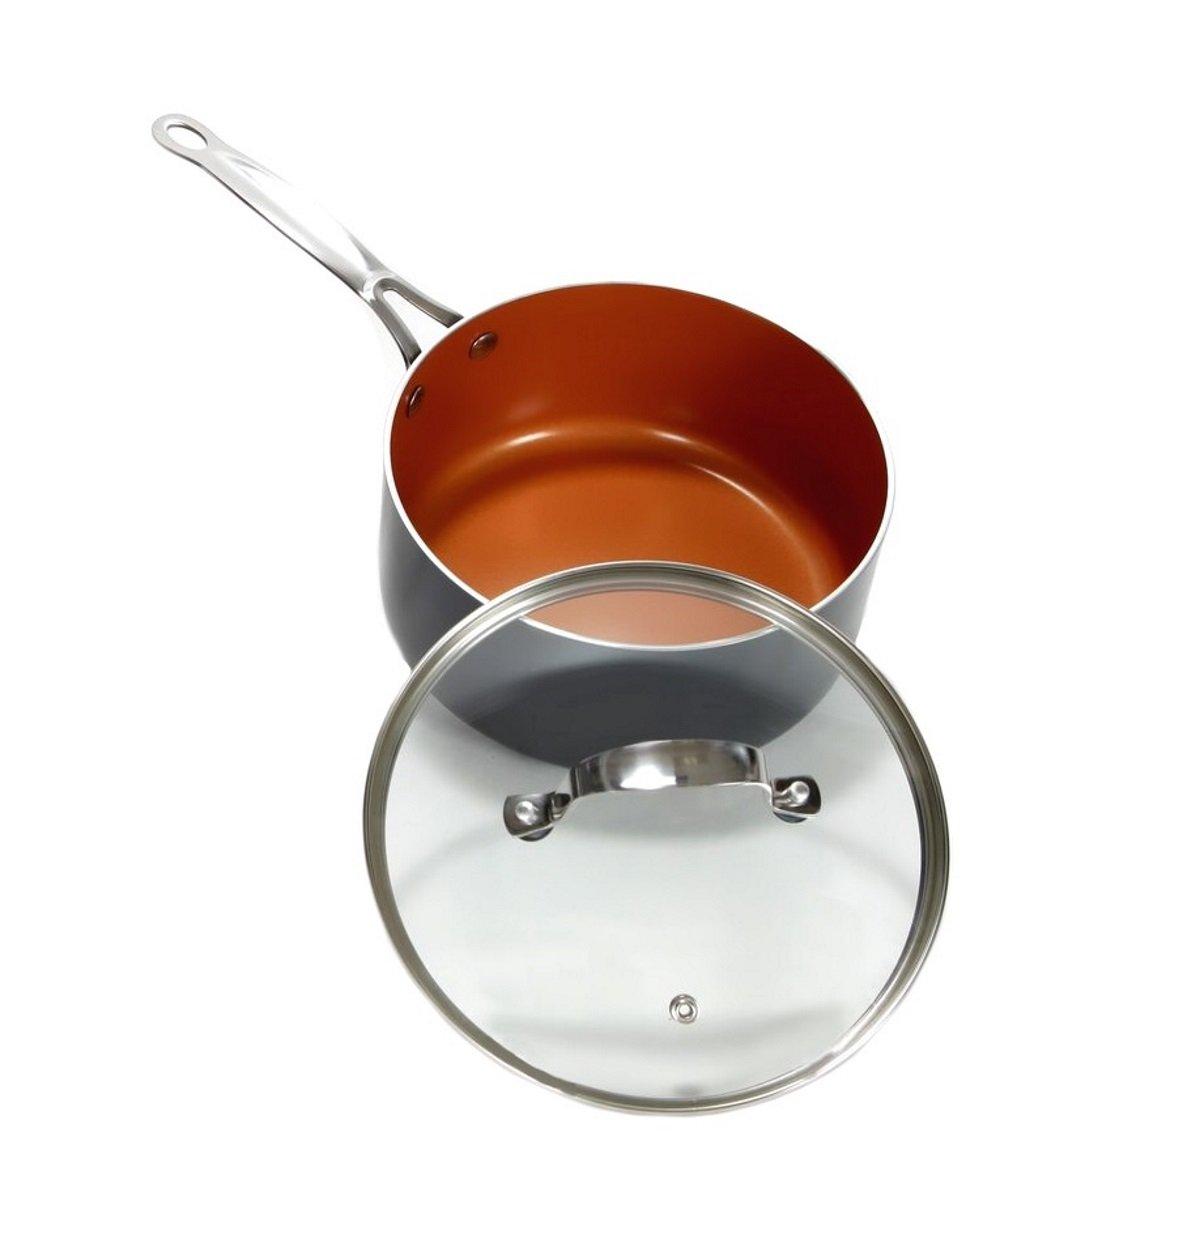 Gotham Steel Ceramic and Titanium Nonstick 3-Quart Pot with Lid